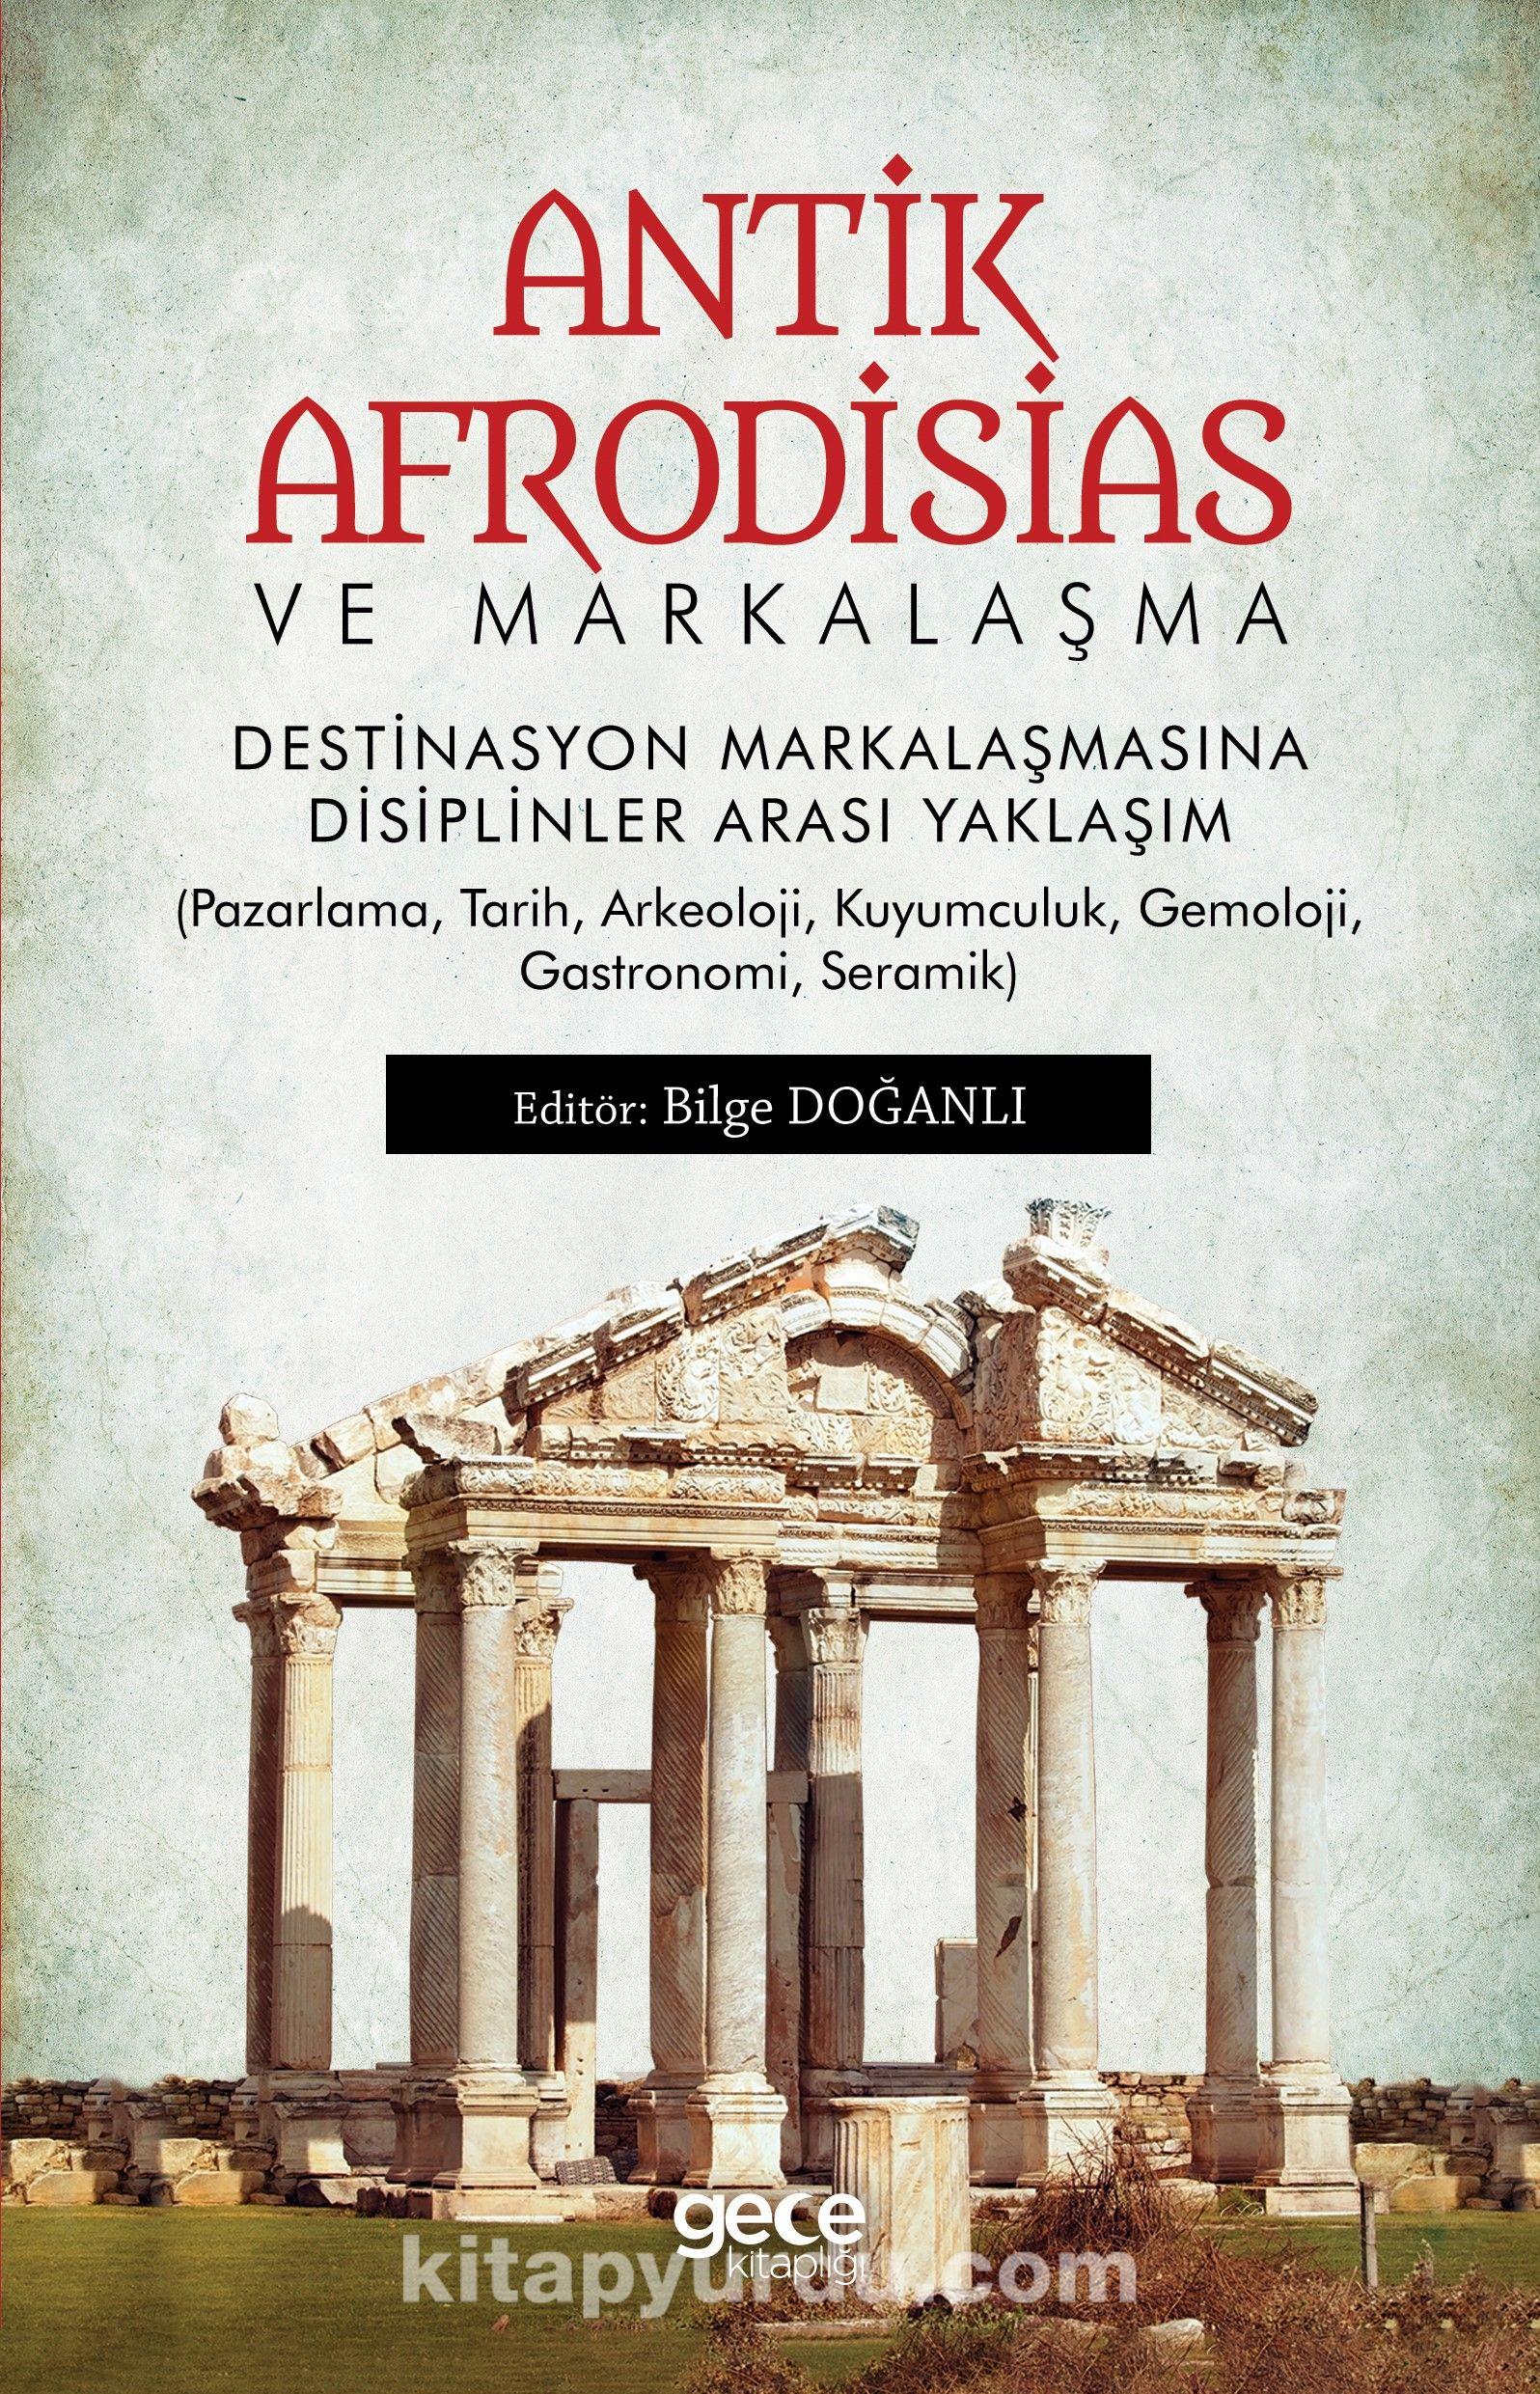 Antik Afrodisias ve MarkalaşmaDestinasyon Markalaşmasına Disiplinler Arası Yaklaşım